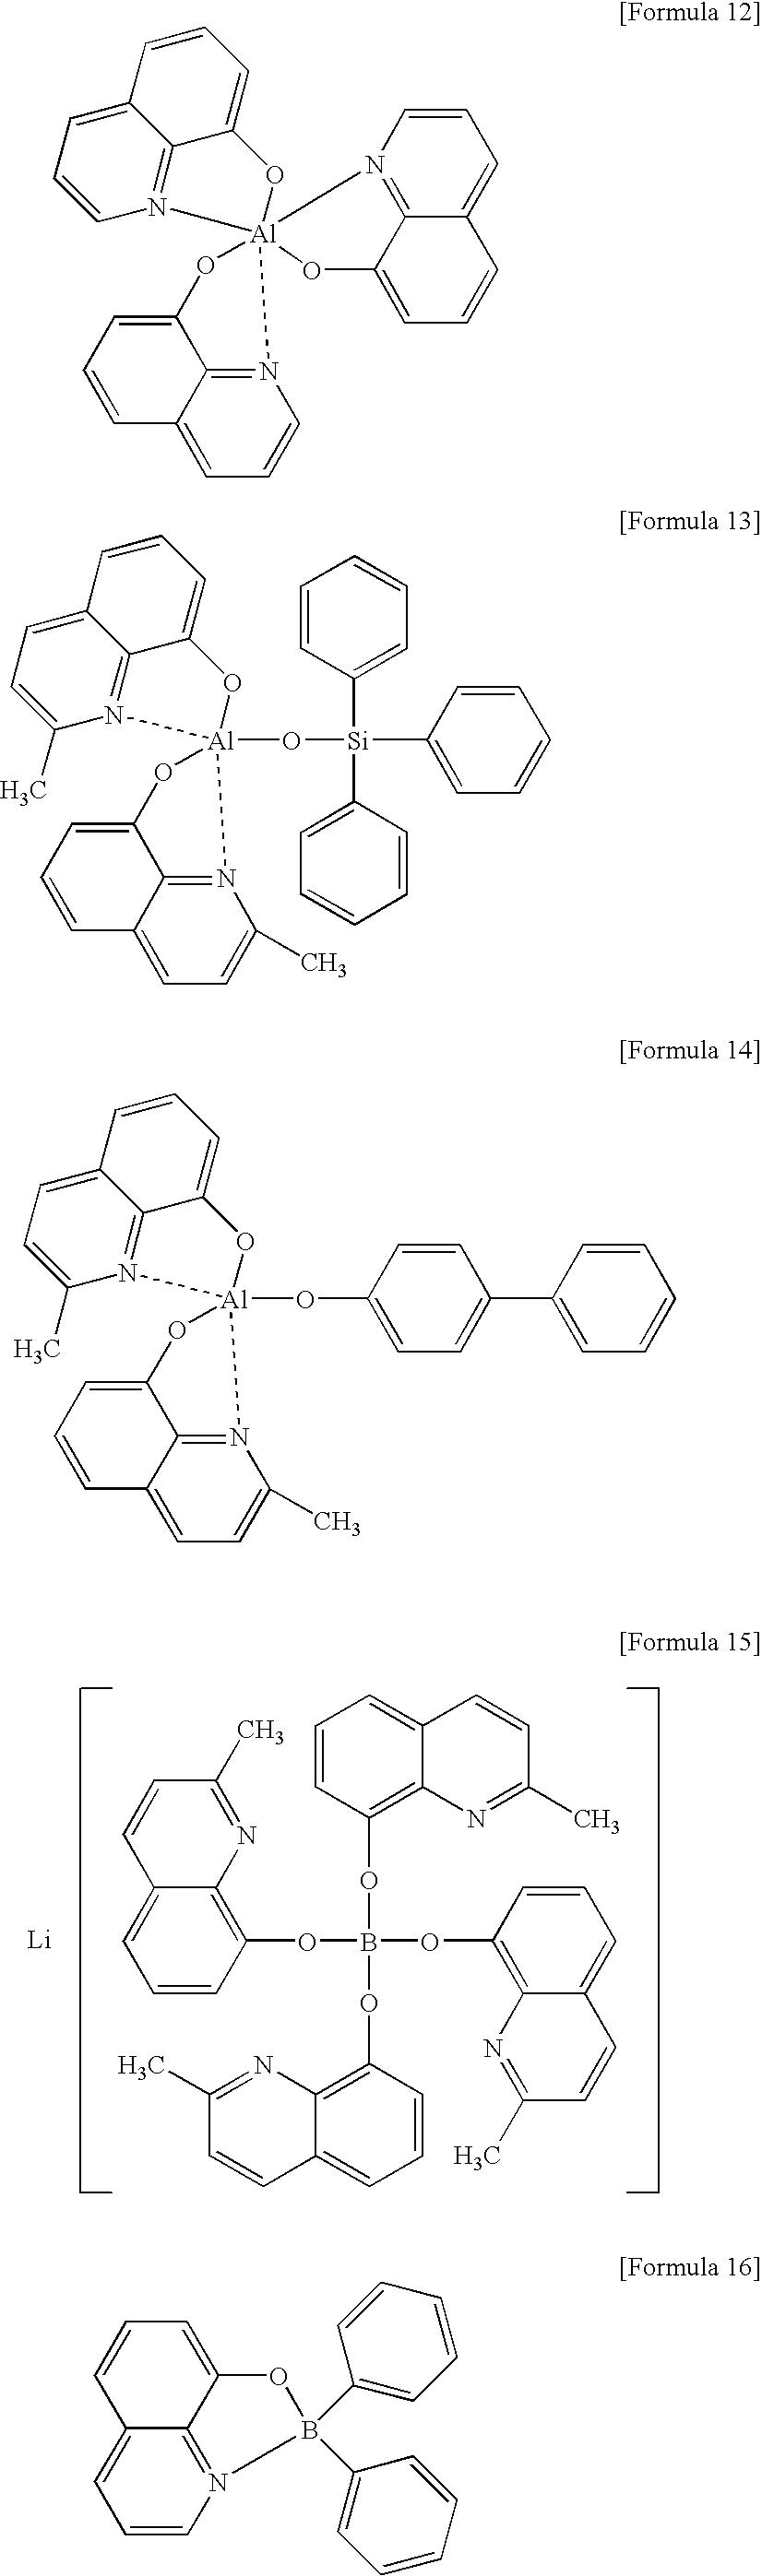 Figure US20090121626A1-20090514-C00005